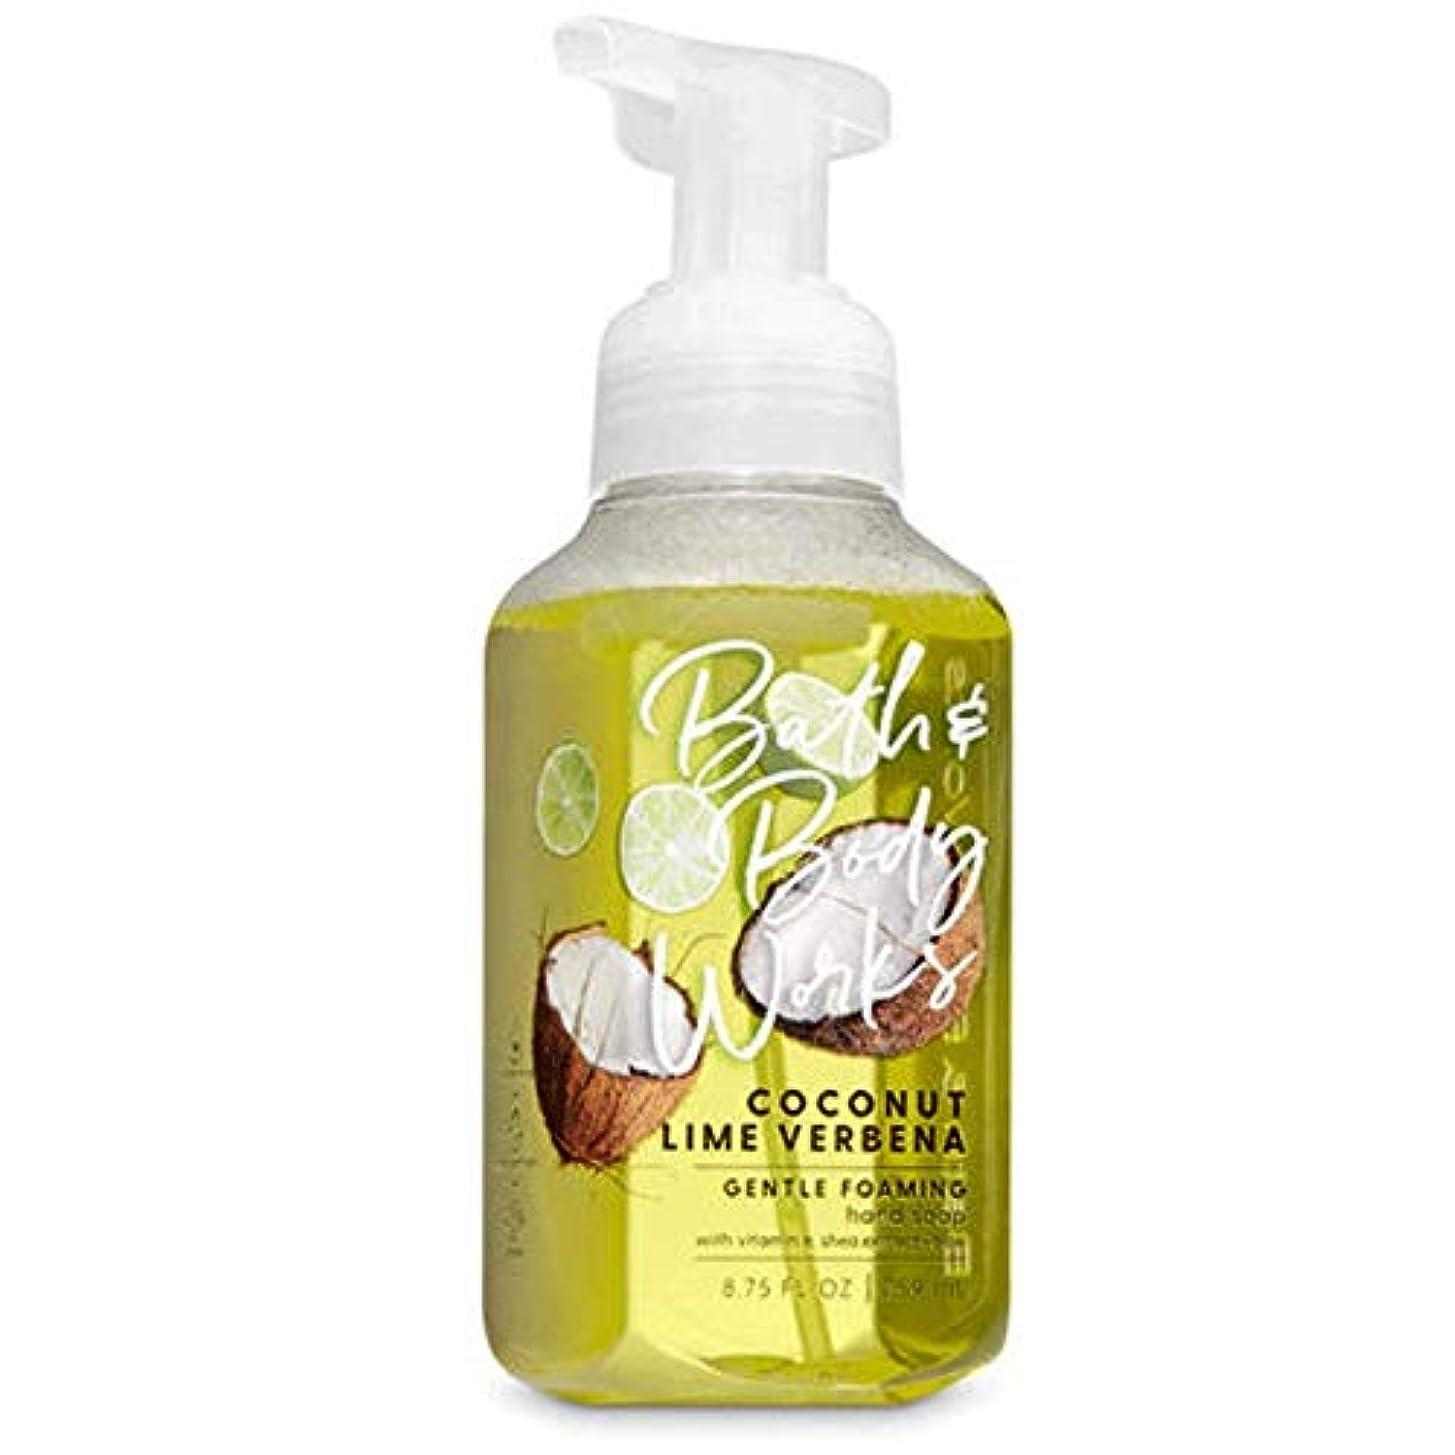 彼女トークチャットバス&ボディワークス ココナッツライムバーベナ ジェントル フォーミング ハンドソープ Coconut Lime Verbena Gentle Foaming Hand Soap